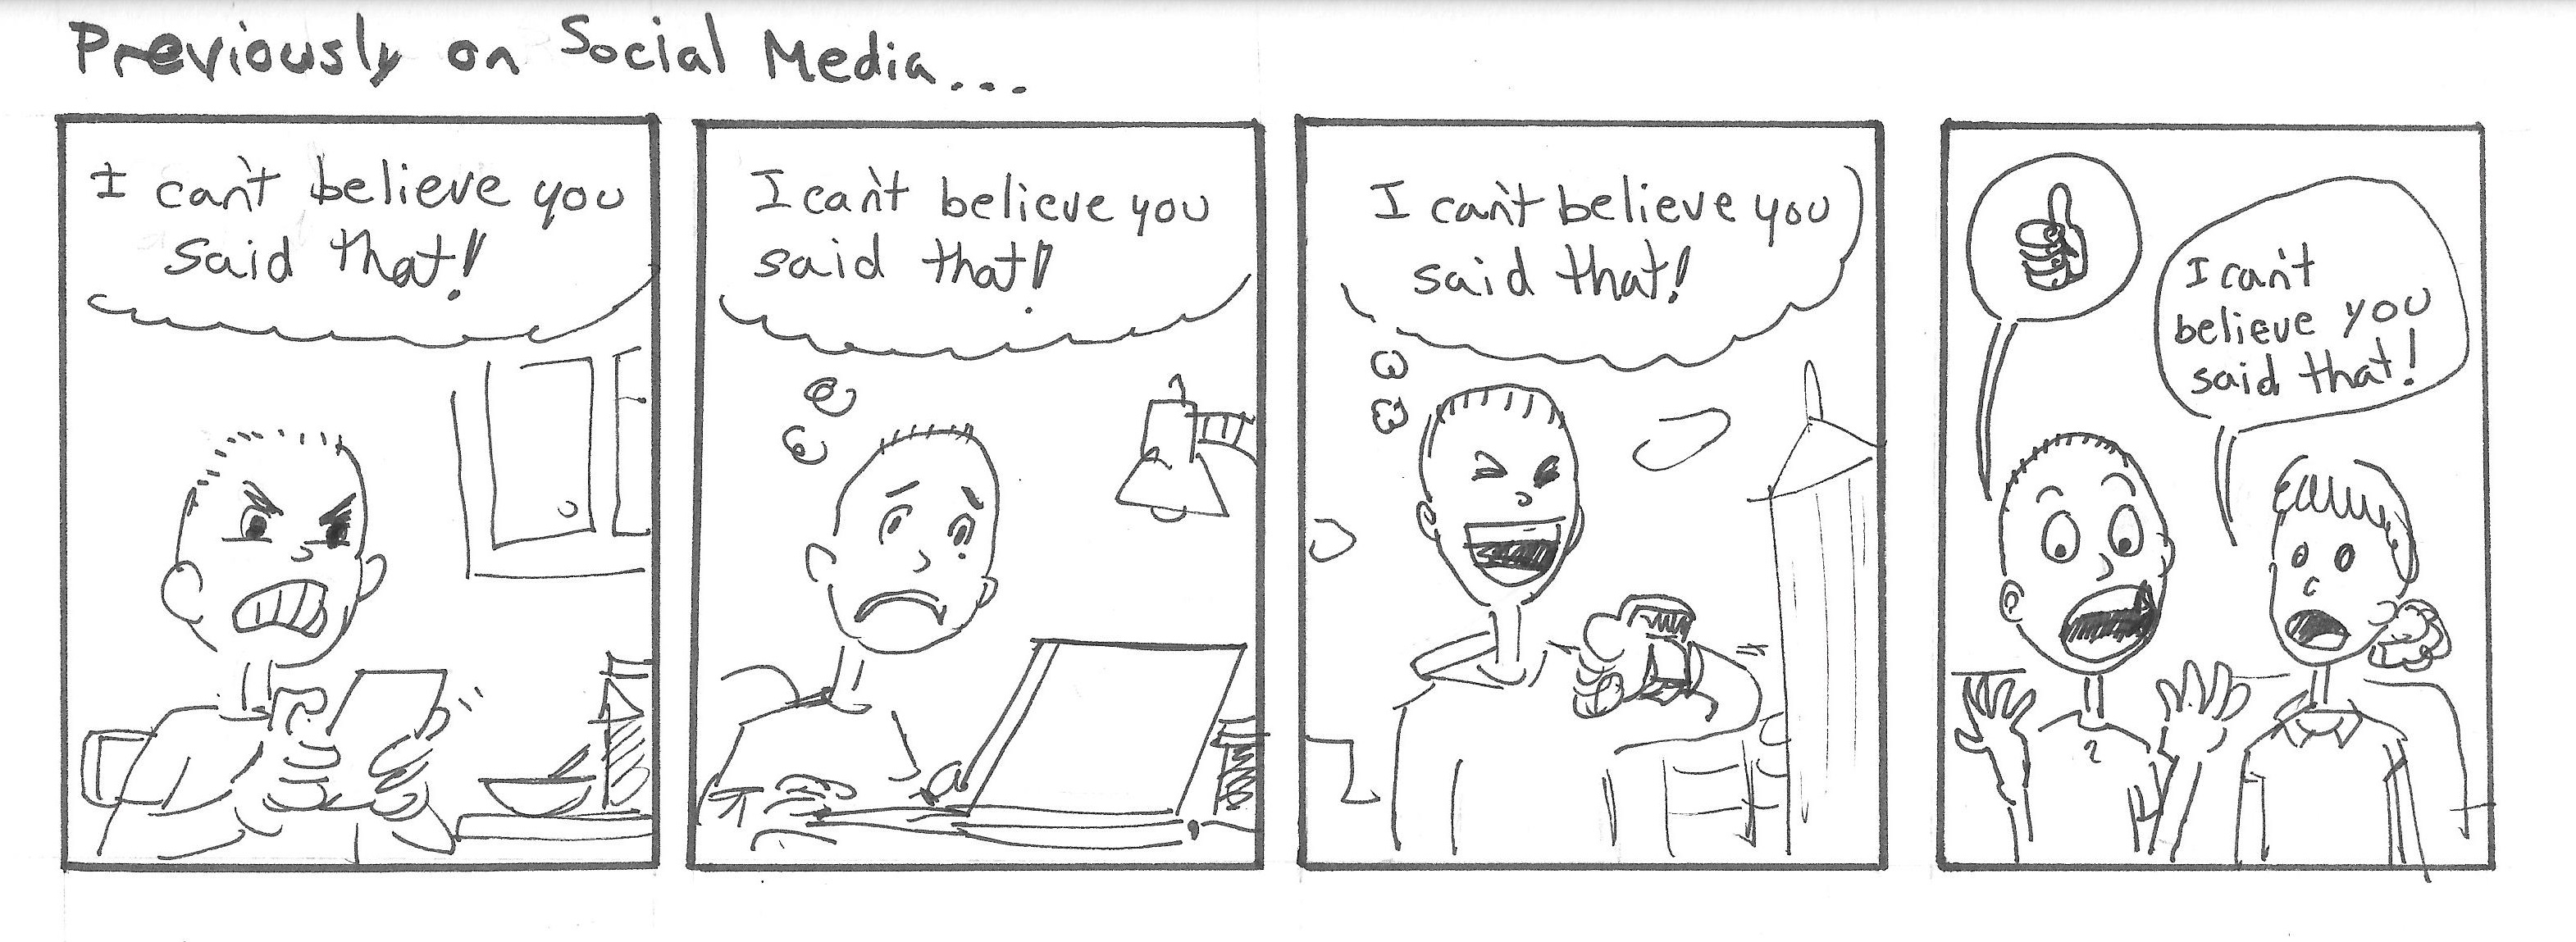 Previously on Social Media...